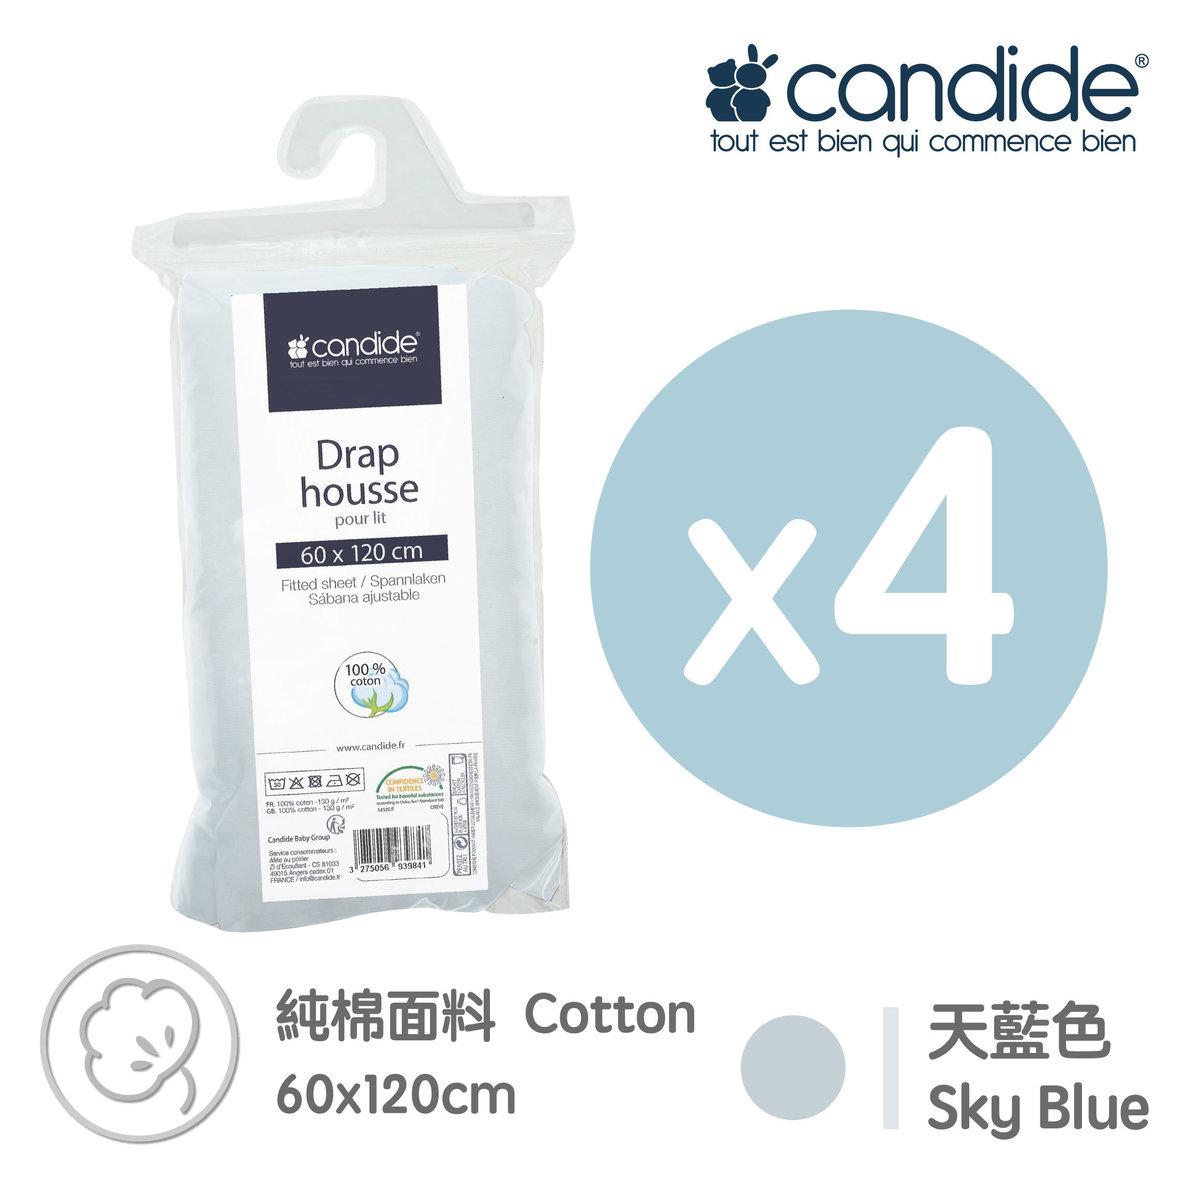 純棉床單套裝 (藍色, 適合60x120cm床褥)